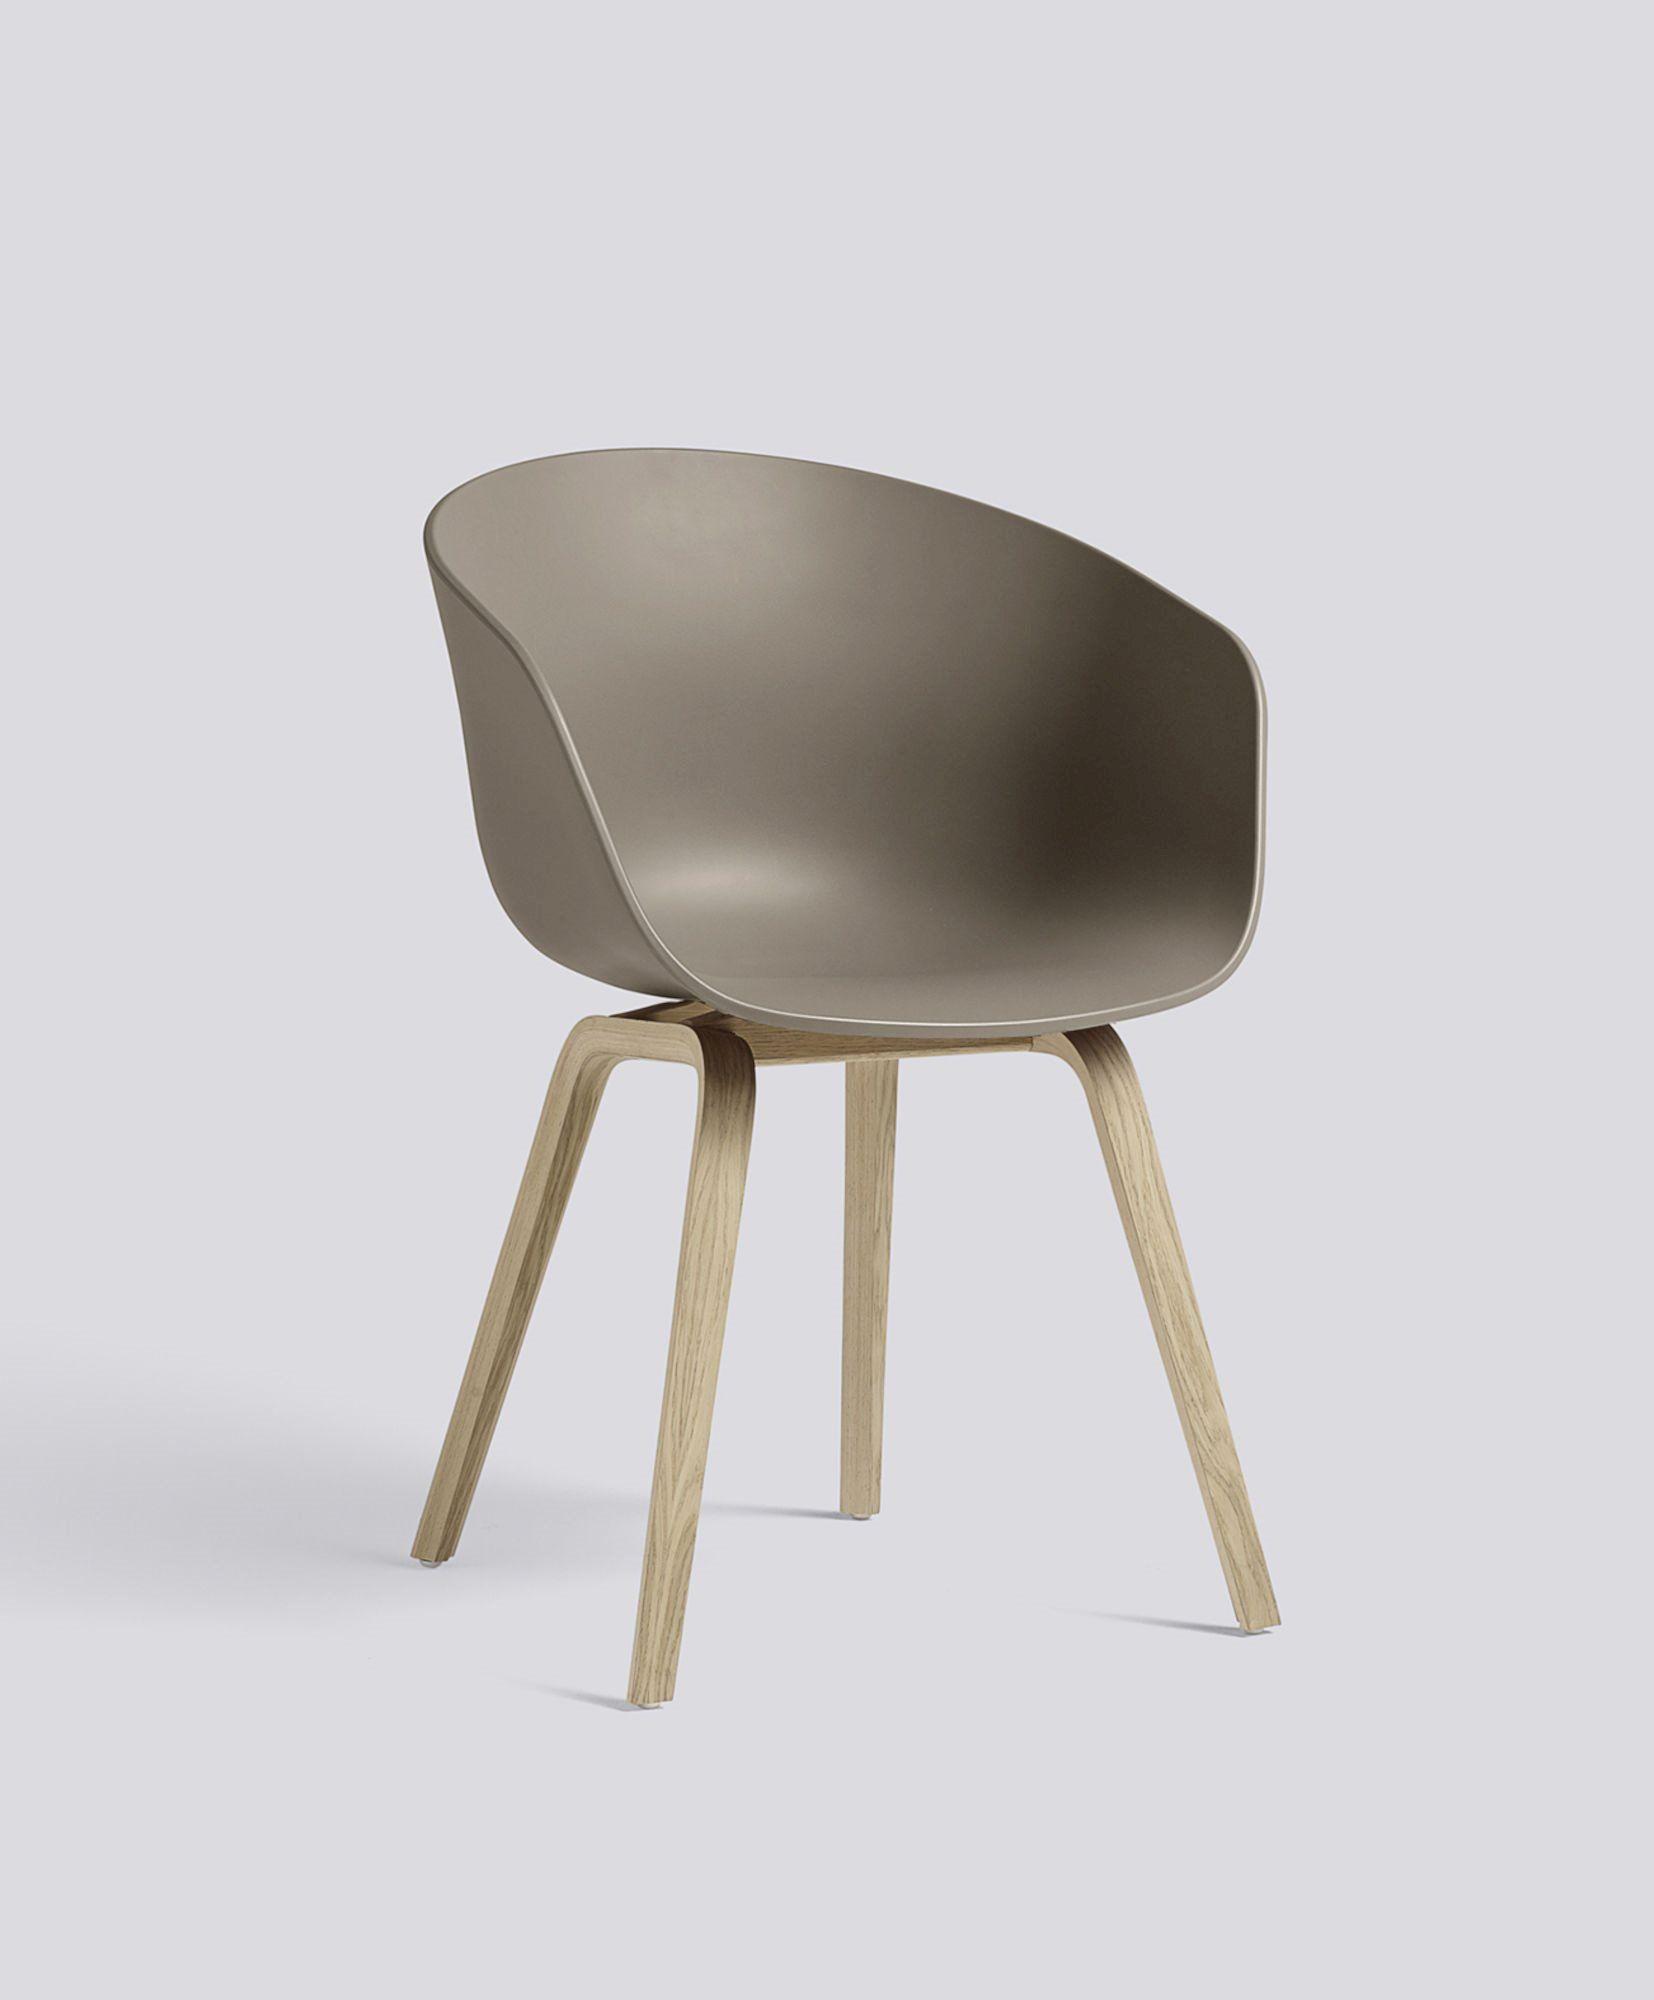 Aac22 Chair Oak Matt Lacquer Khaki Shell Hay Hay Chair Green Chair Chair